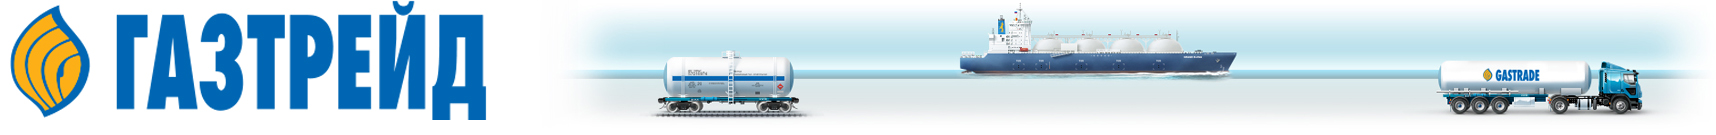 gastradebg.com logo